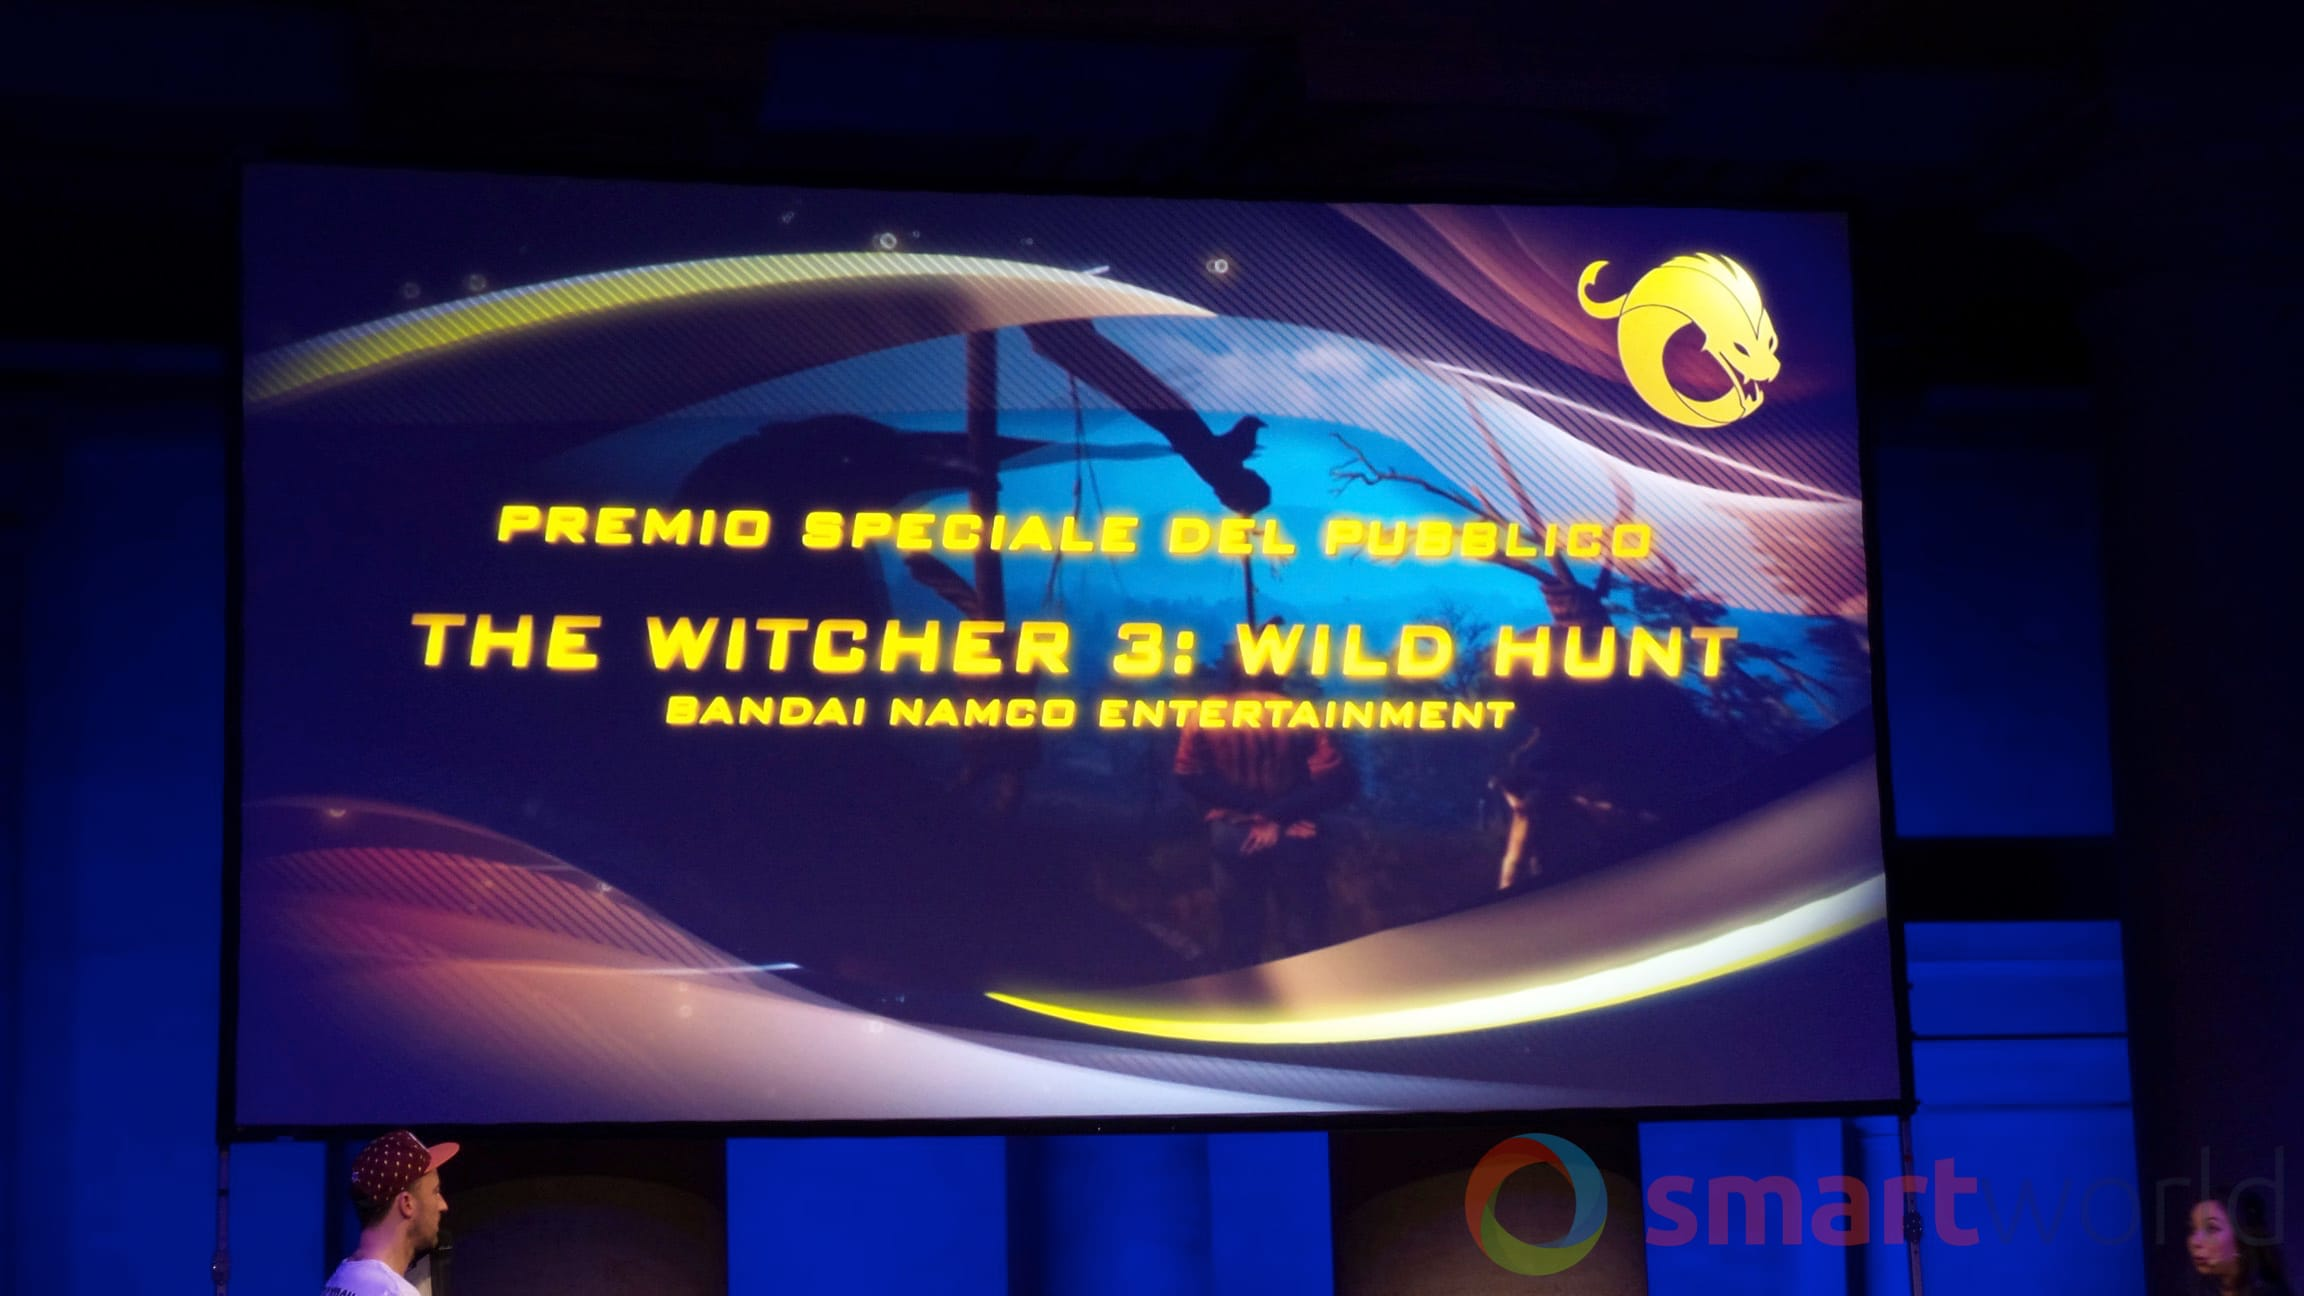 Drago d'Oro – Premio speciale del pubblico The Witcher 3 Wild Hunt